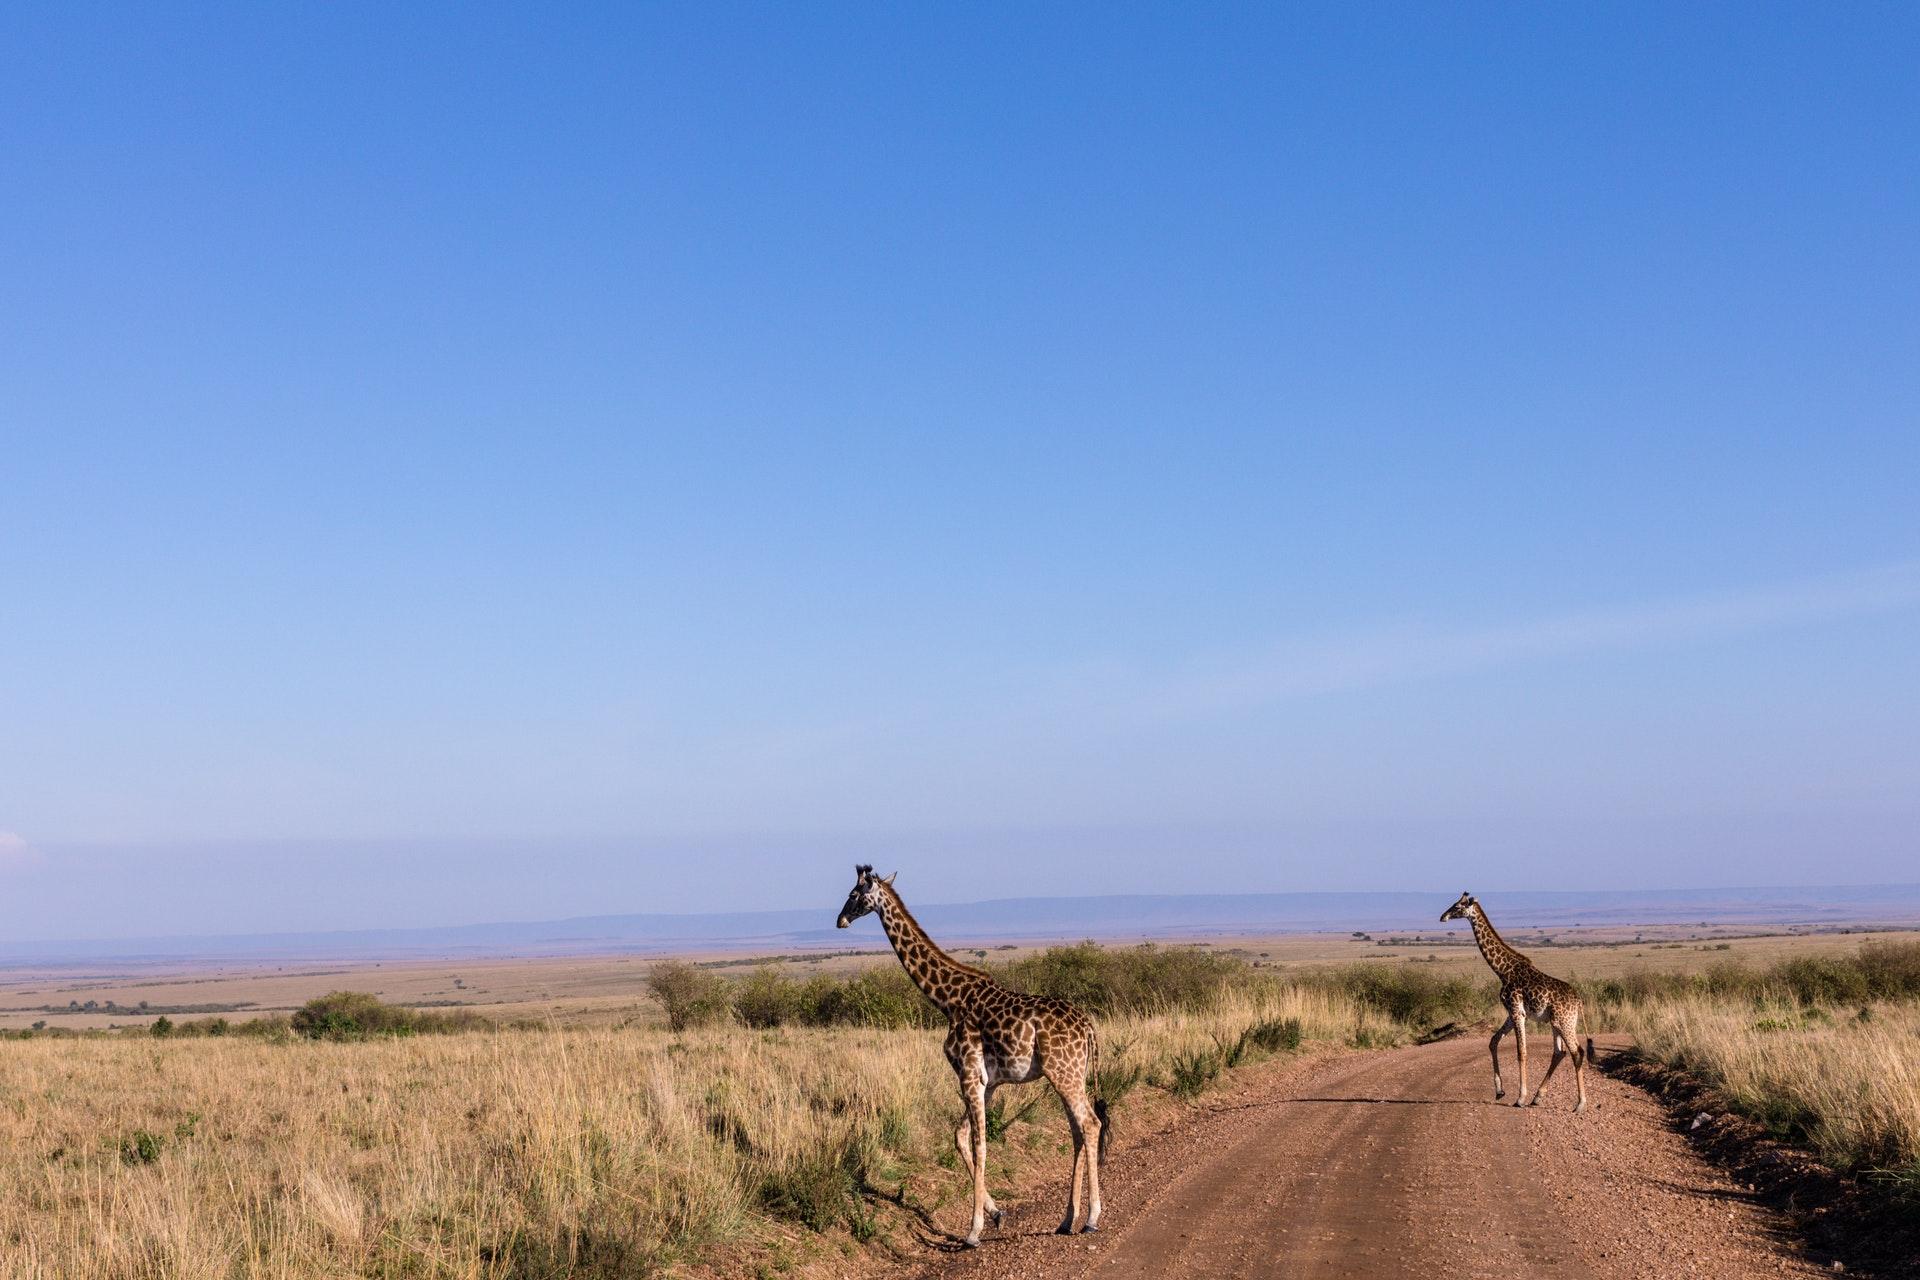 Самцы жирафов дружат лучше, чем самки